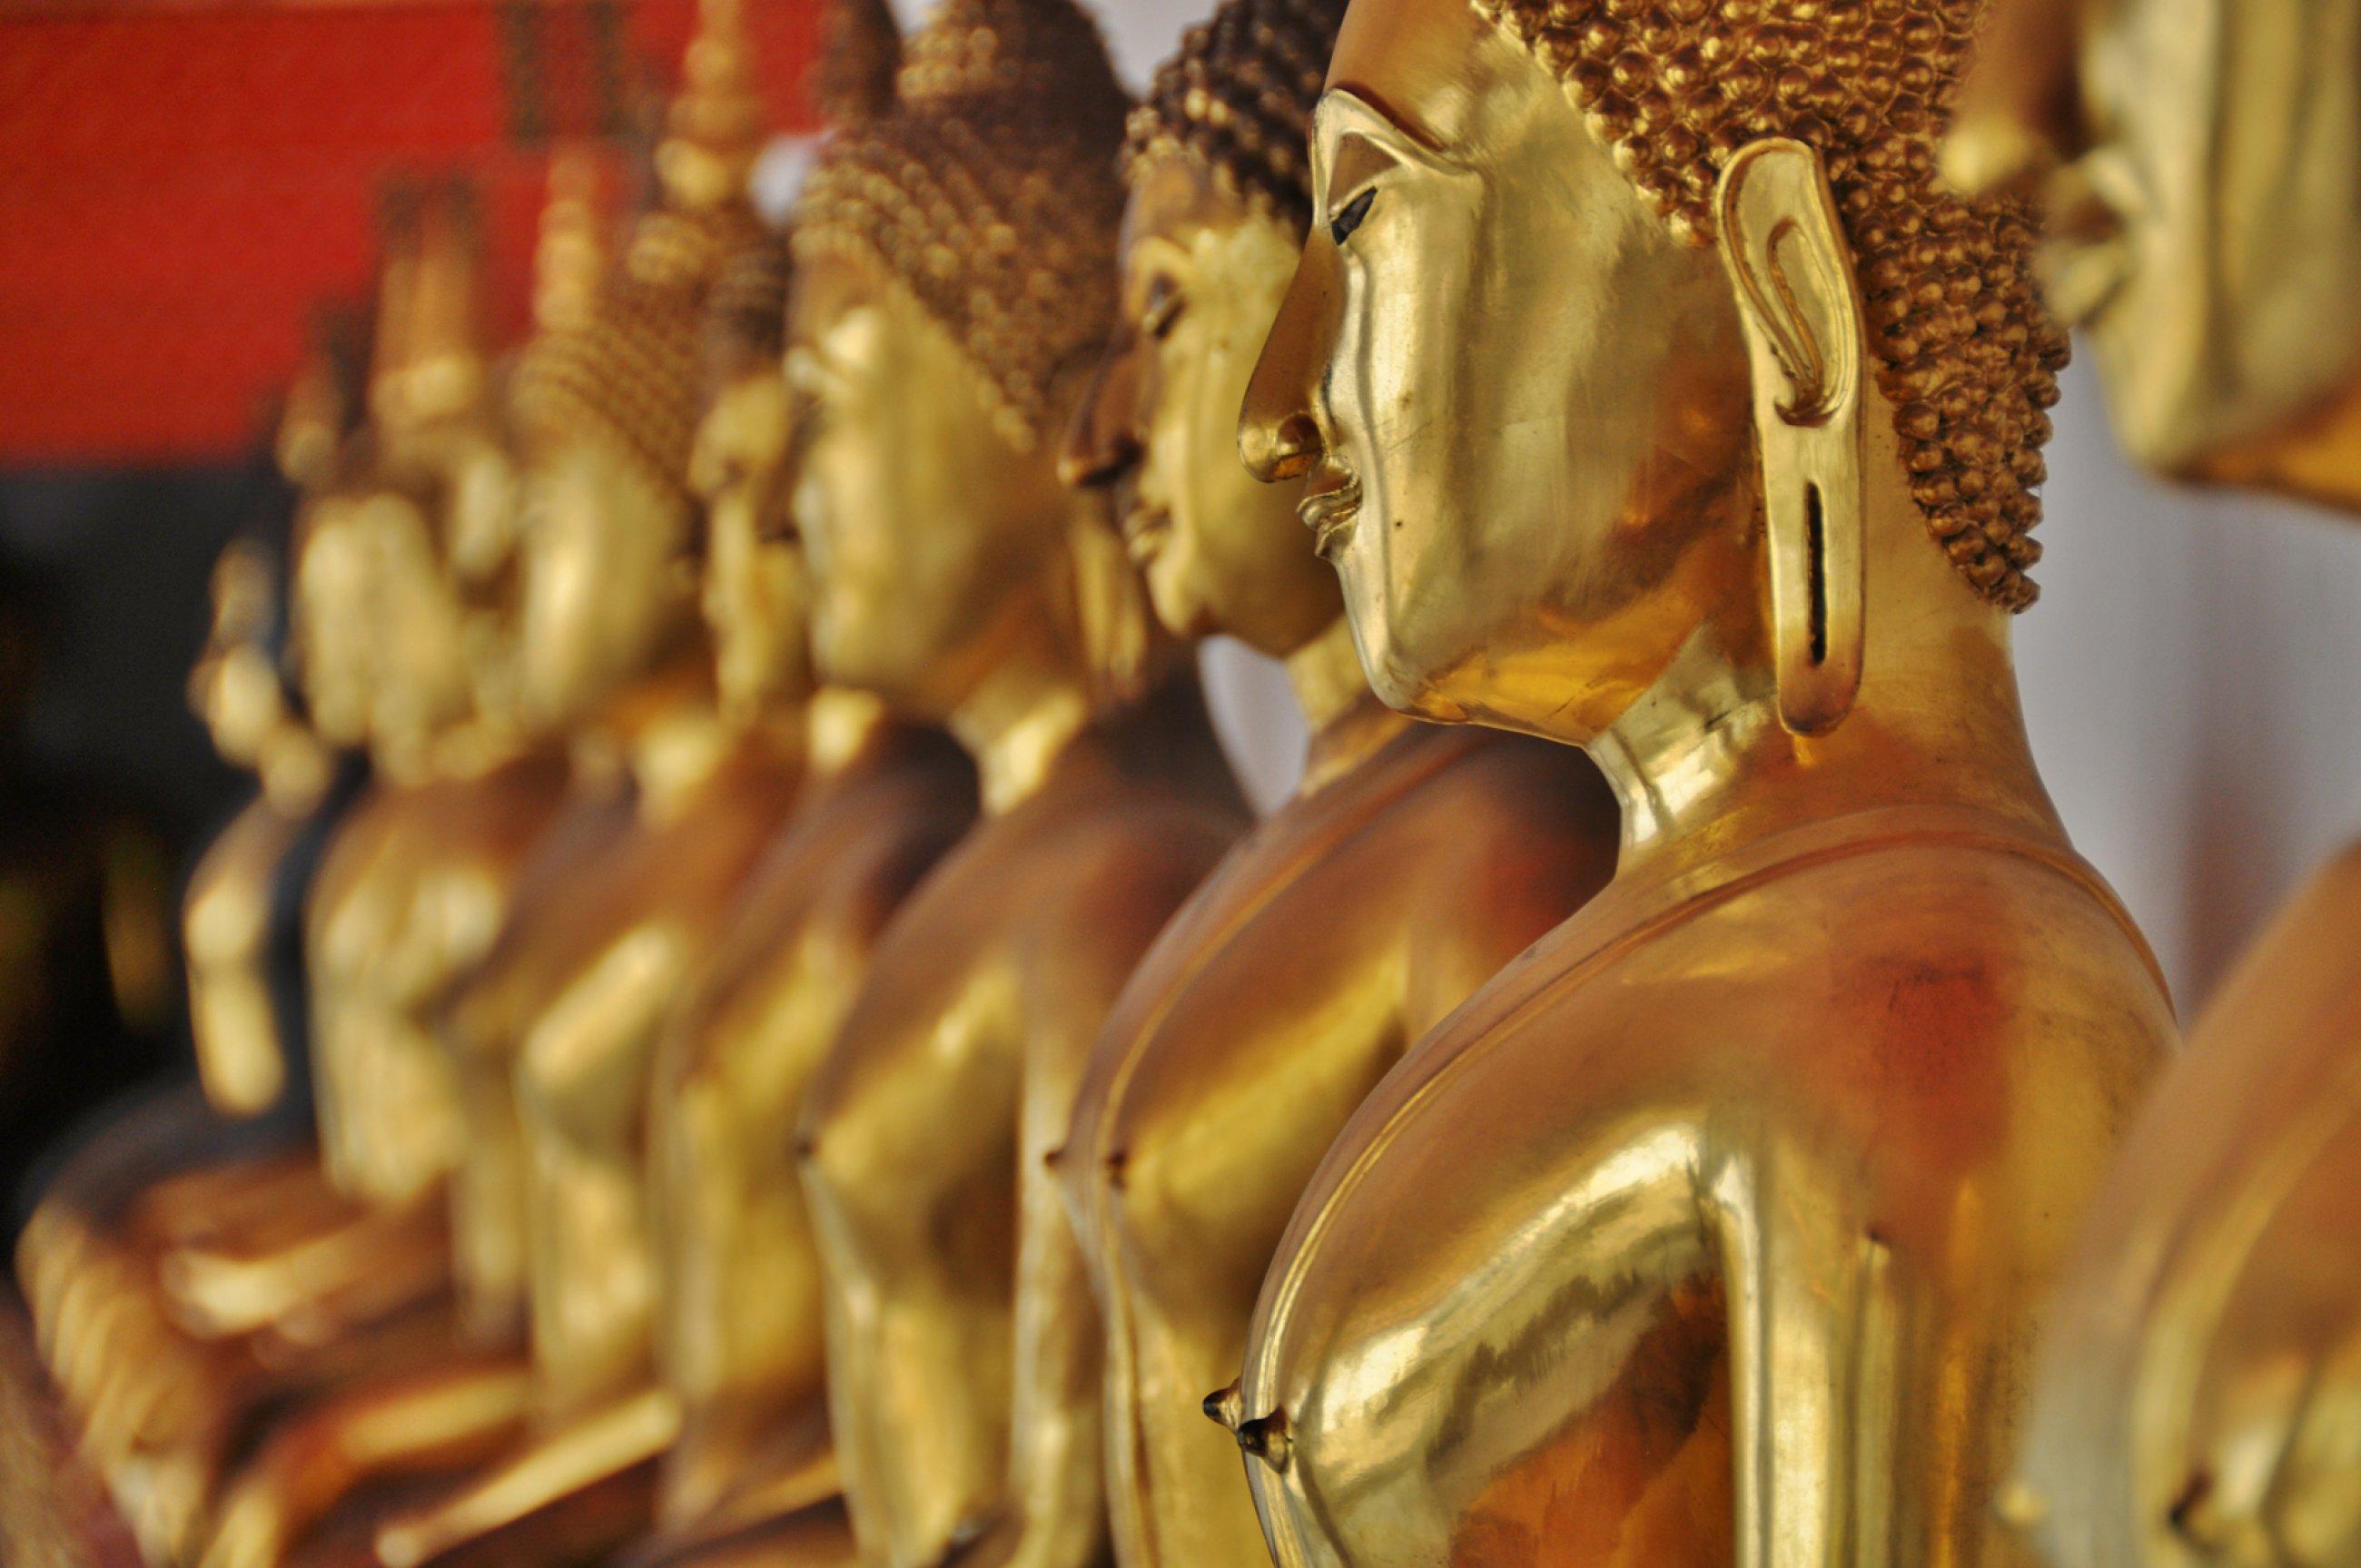 https://bubo.sk/uploads/galleries/7534/8-tomas-kubus-bangkok-2014-3-.jpg